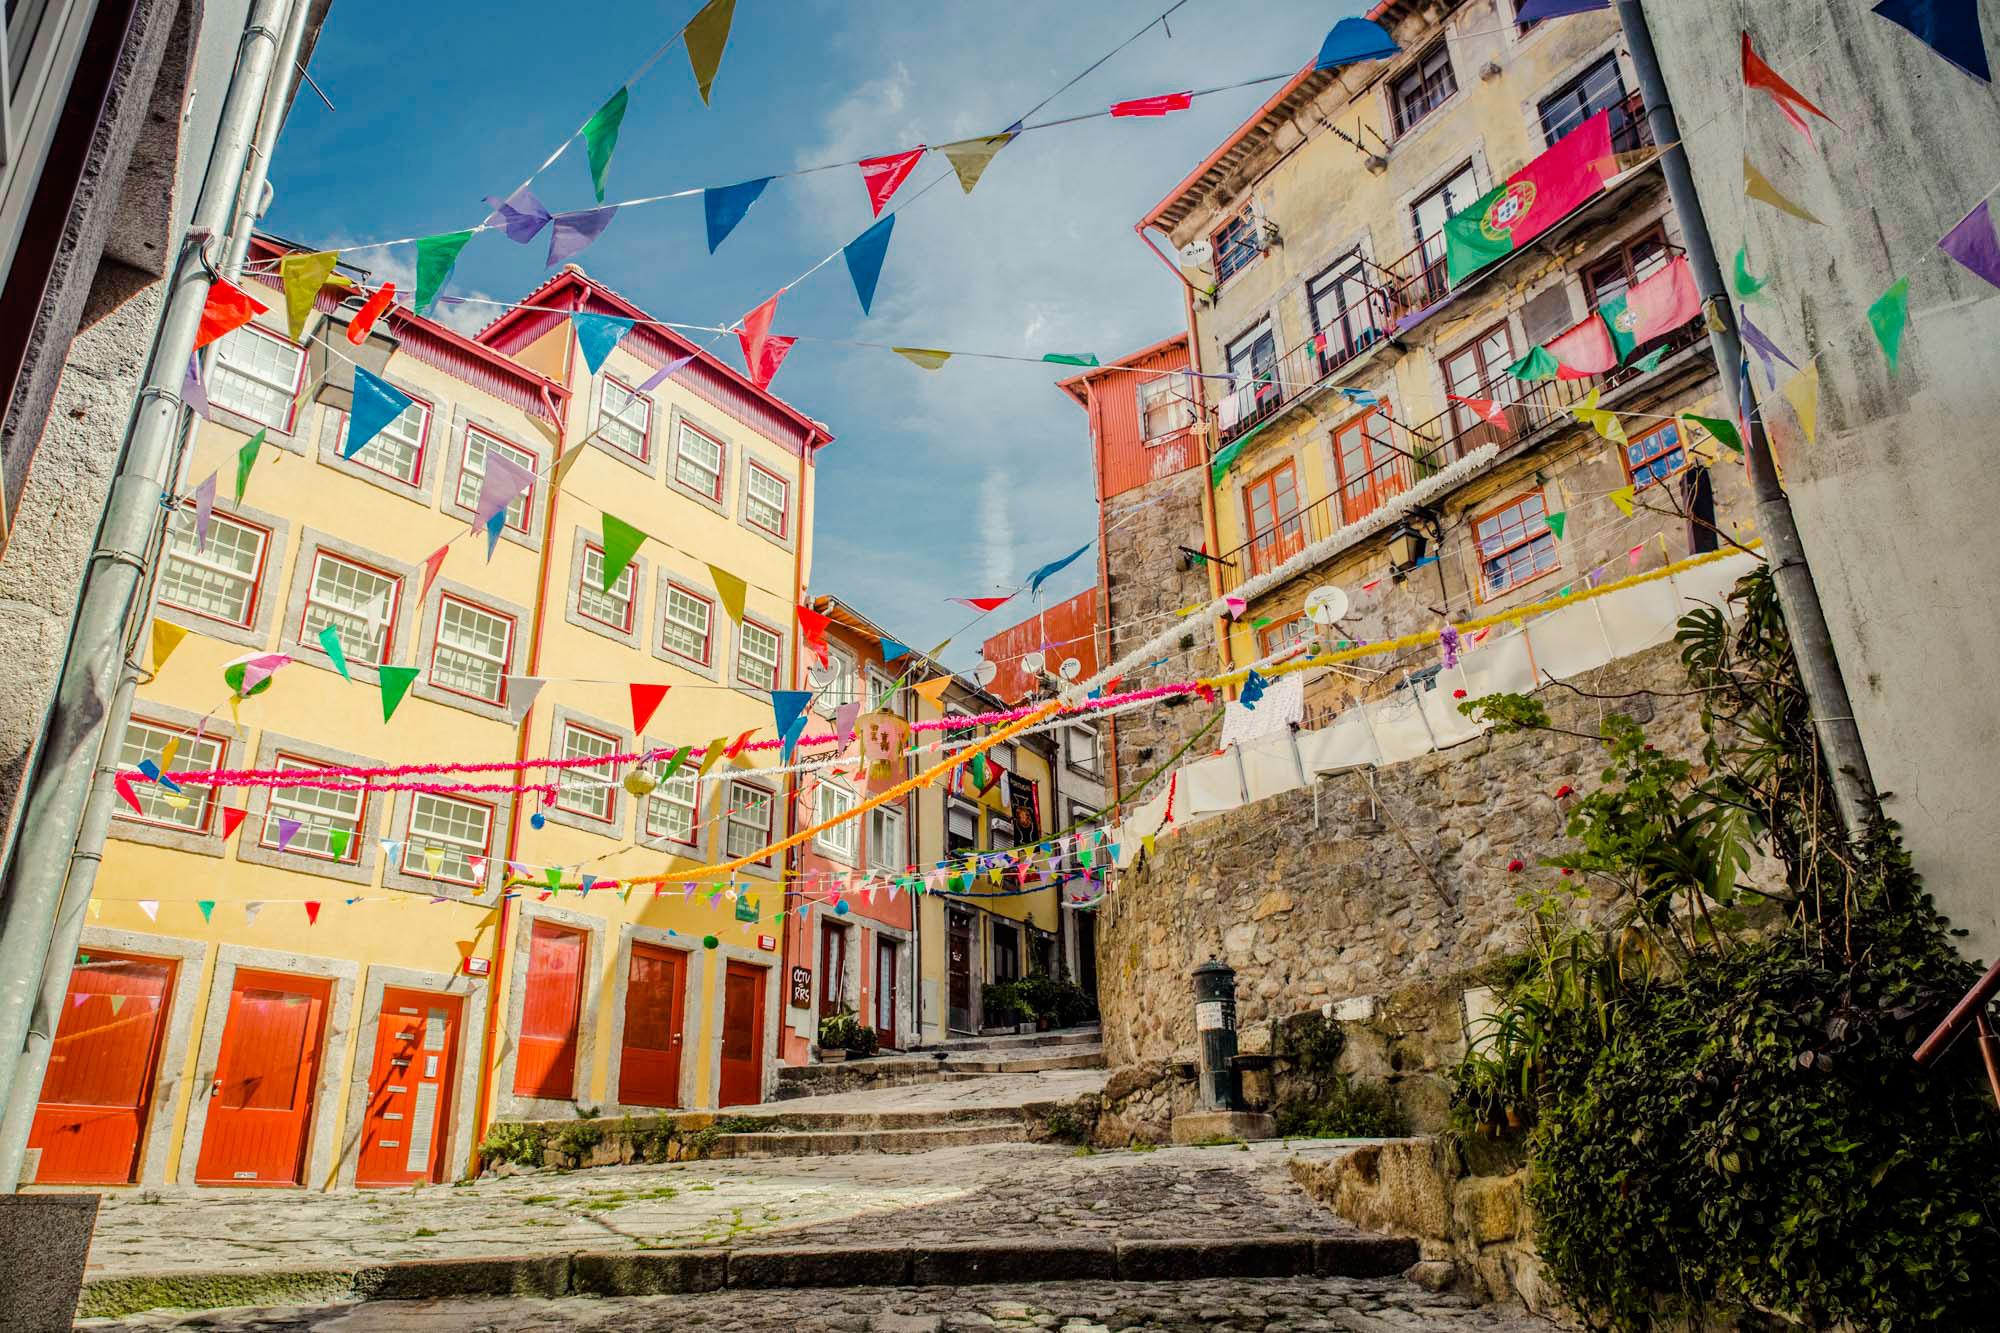 Urlaub-Portugal-138